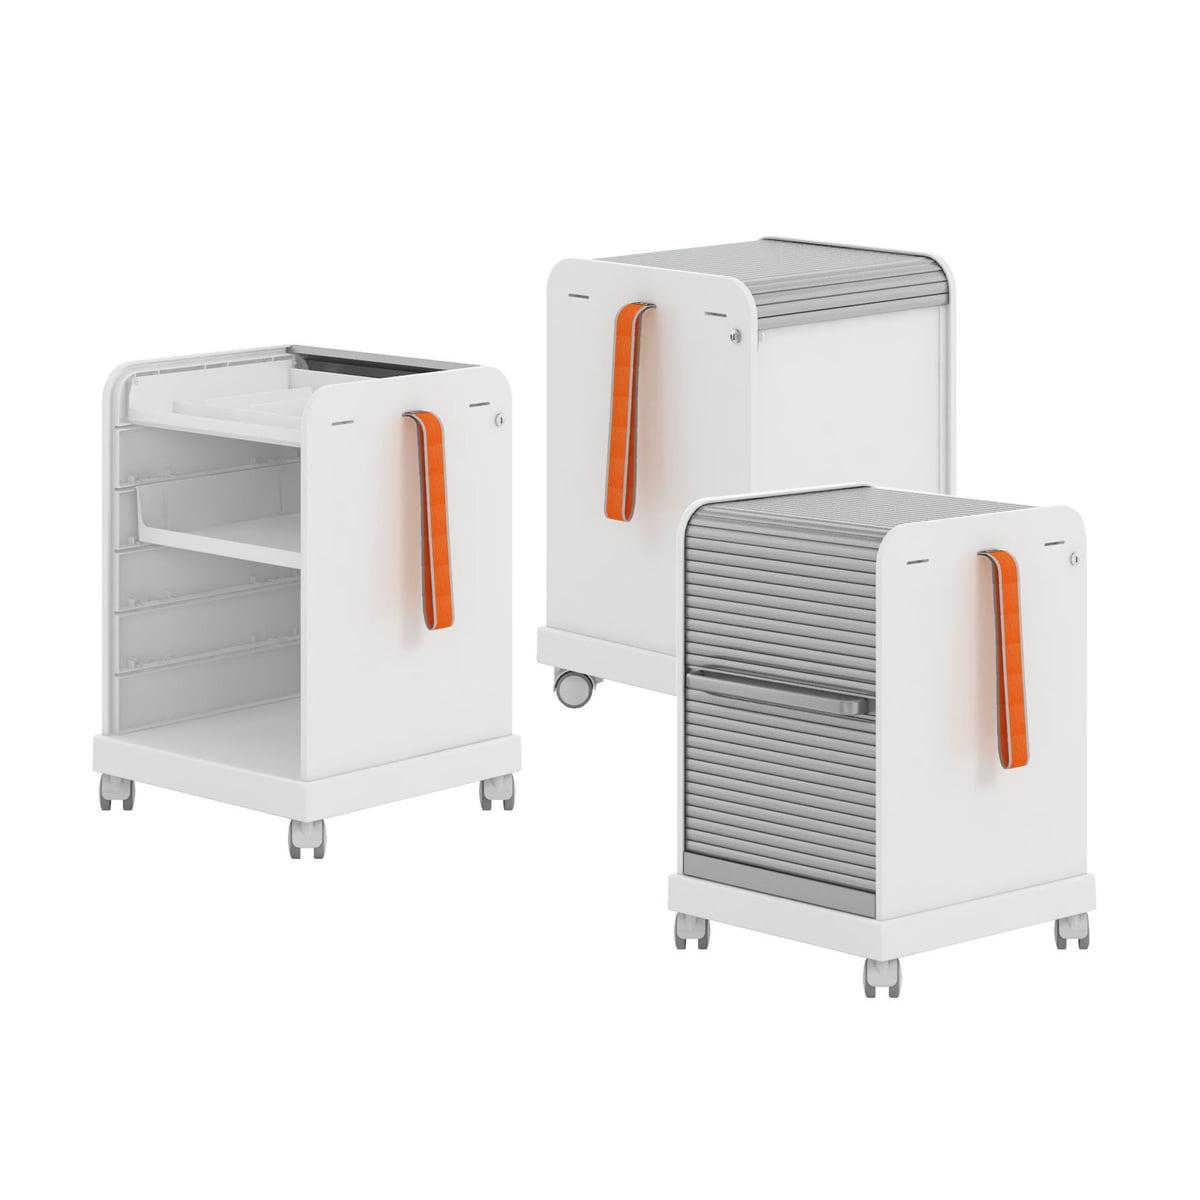 vitra ad hoc rollwagen mit schubfach kaufen. Black Bedroom Furniture Sets. Home Design Ideas